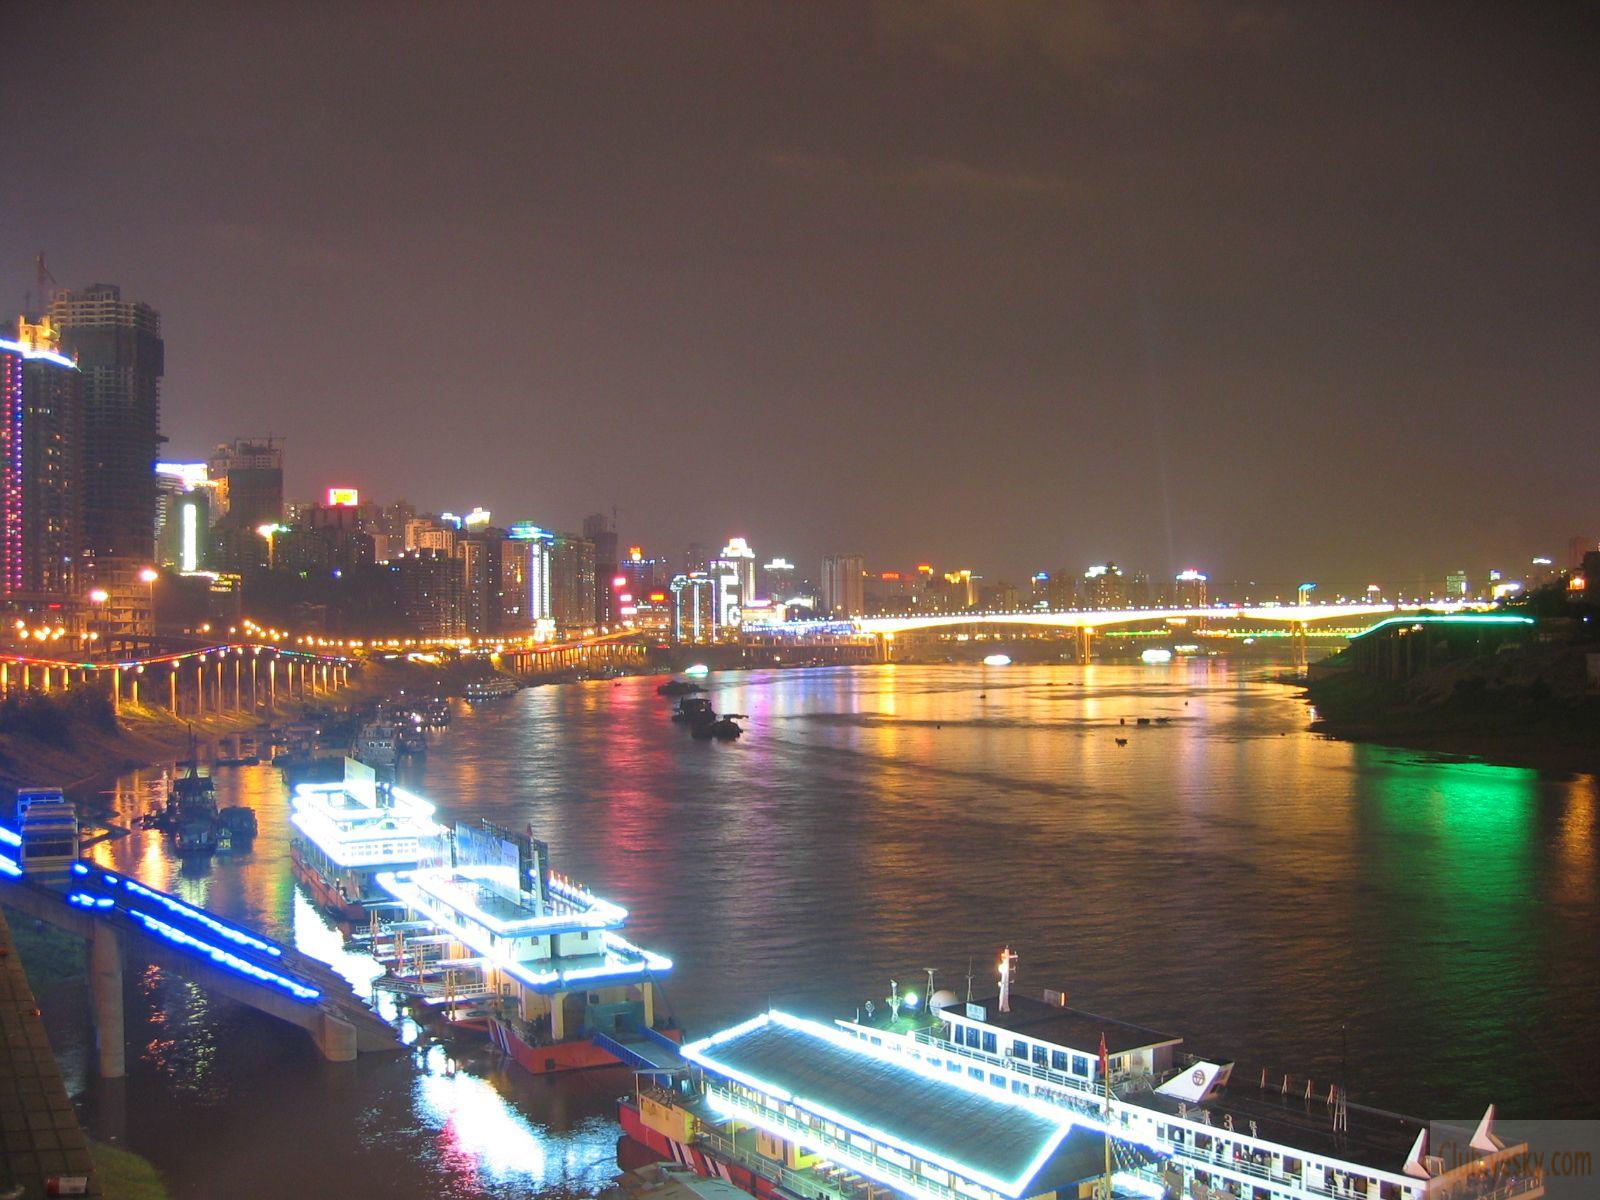 游客可自费选择游览【天生三桥玻璃观景眺台】(自费30元/人,游客自愿